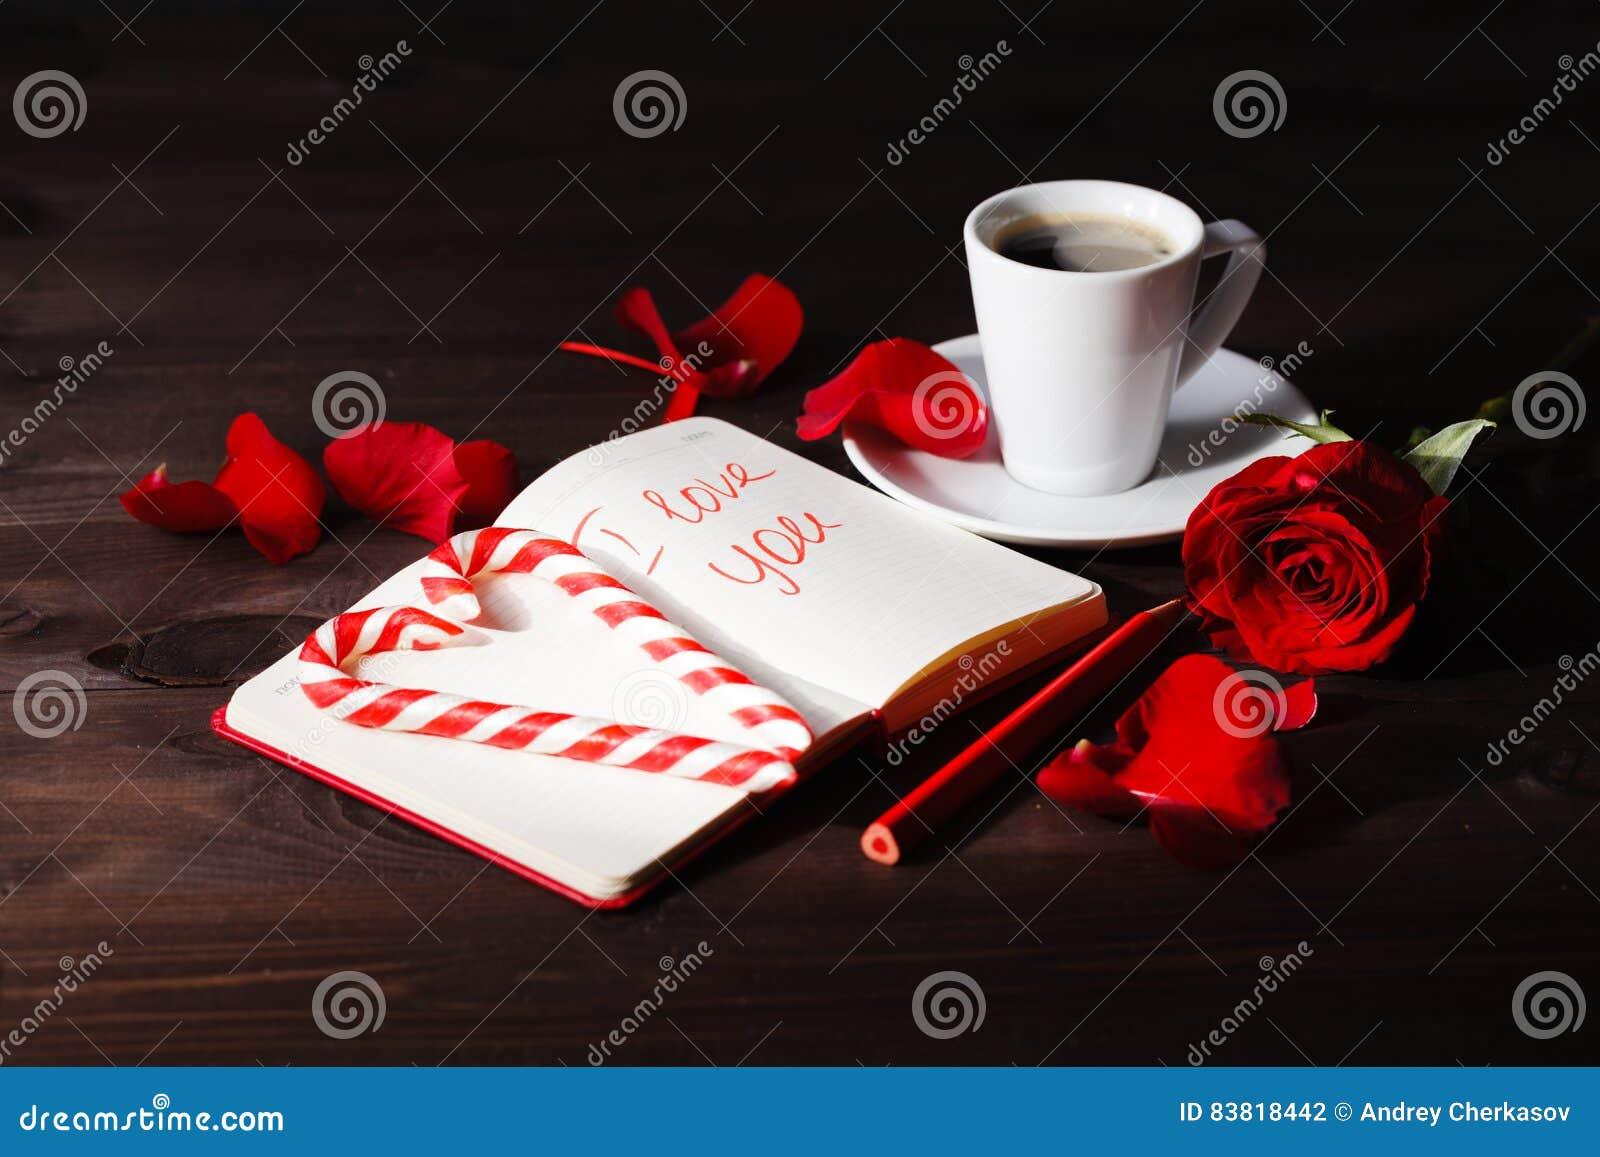 Abra O Caderno E Uma Rosa Vermelha Em Um Fundo Preto Foto De Stock